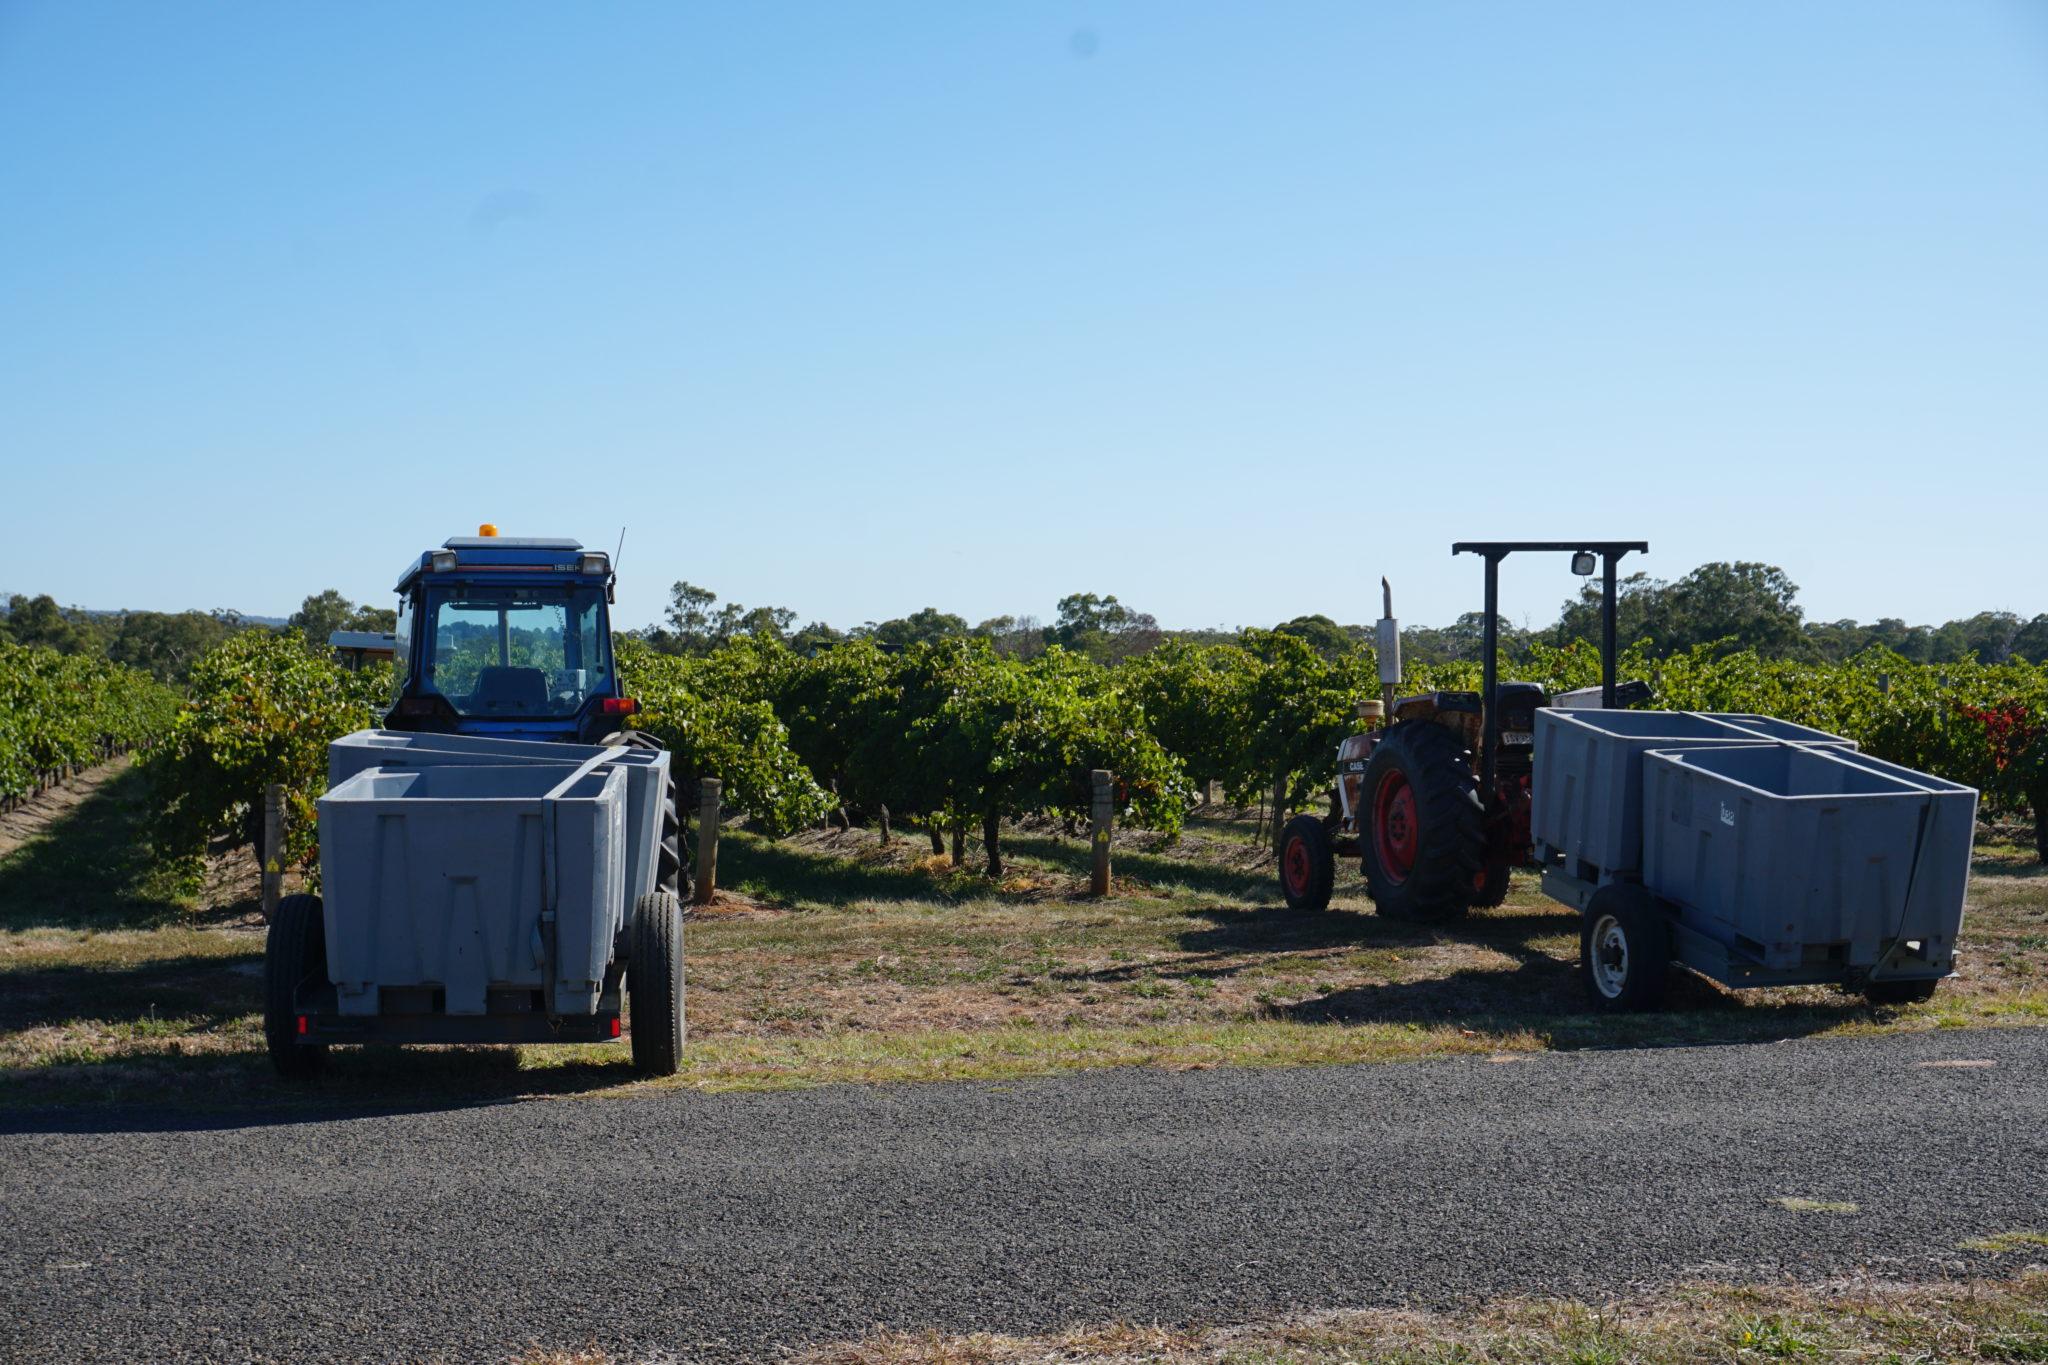 Zwei Traktoren beim Grape Picking mit Anhängern für die Trauben